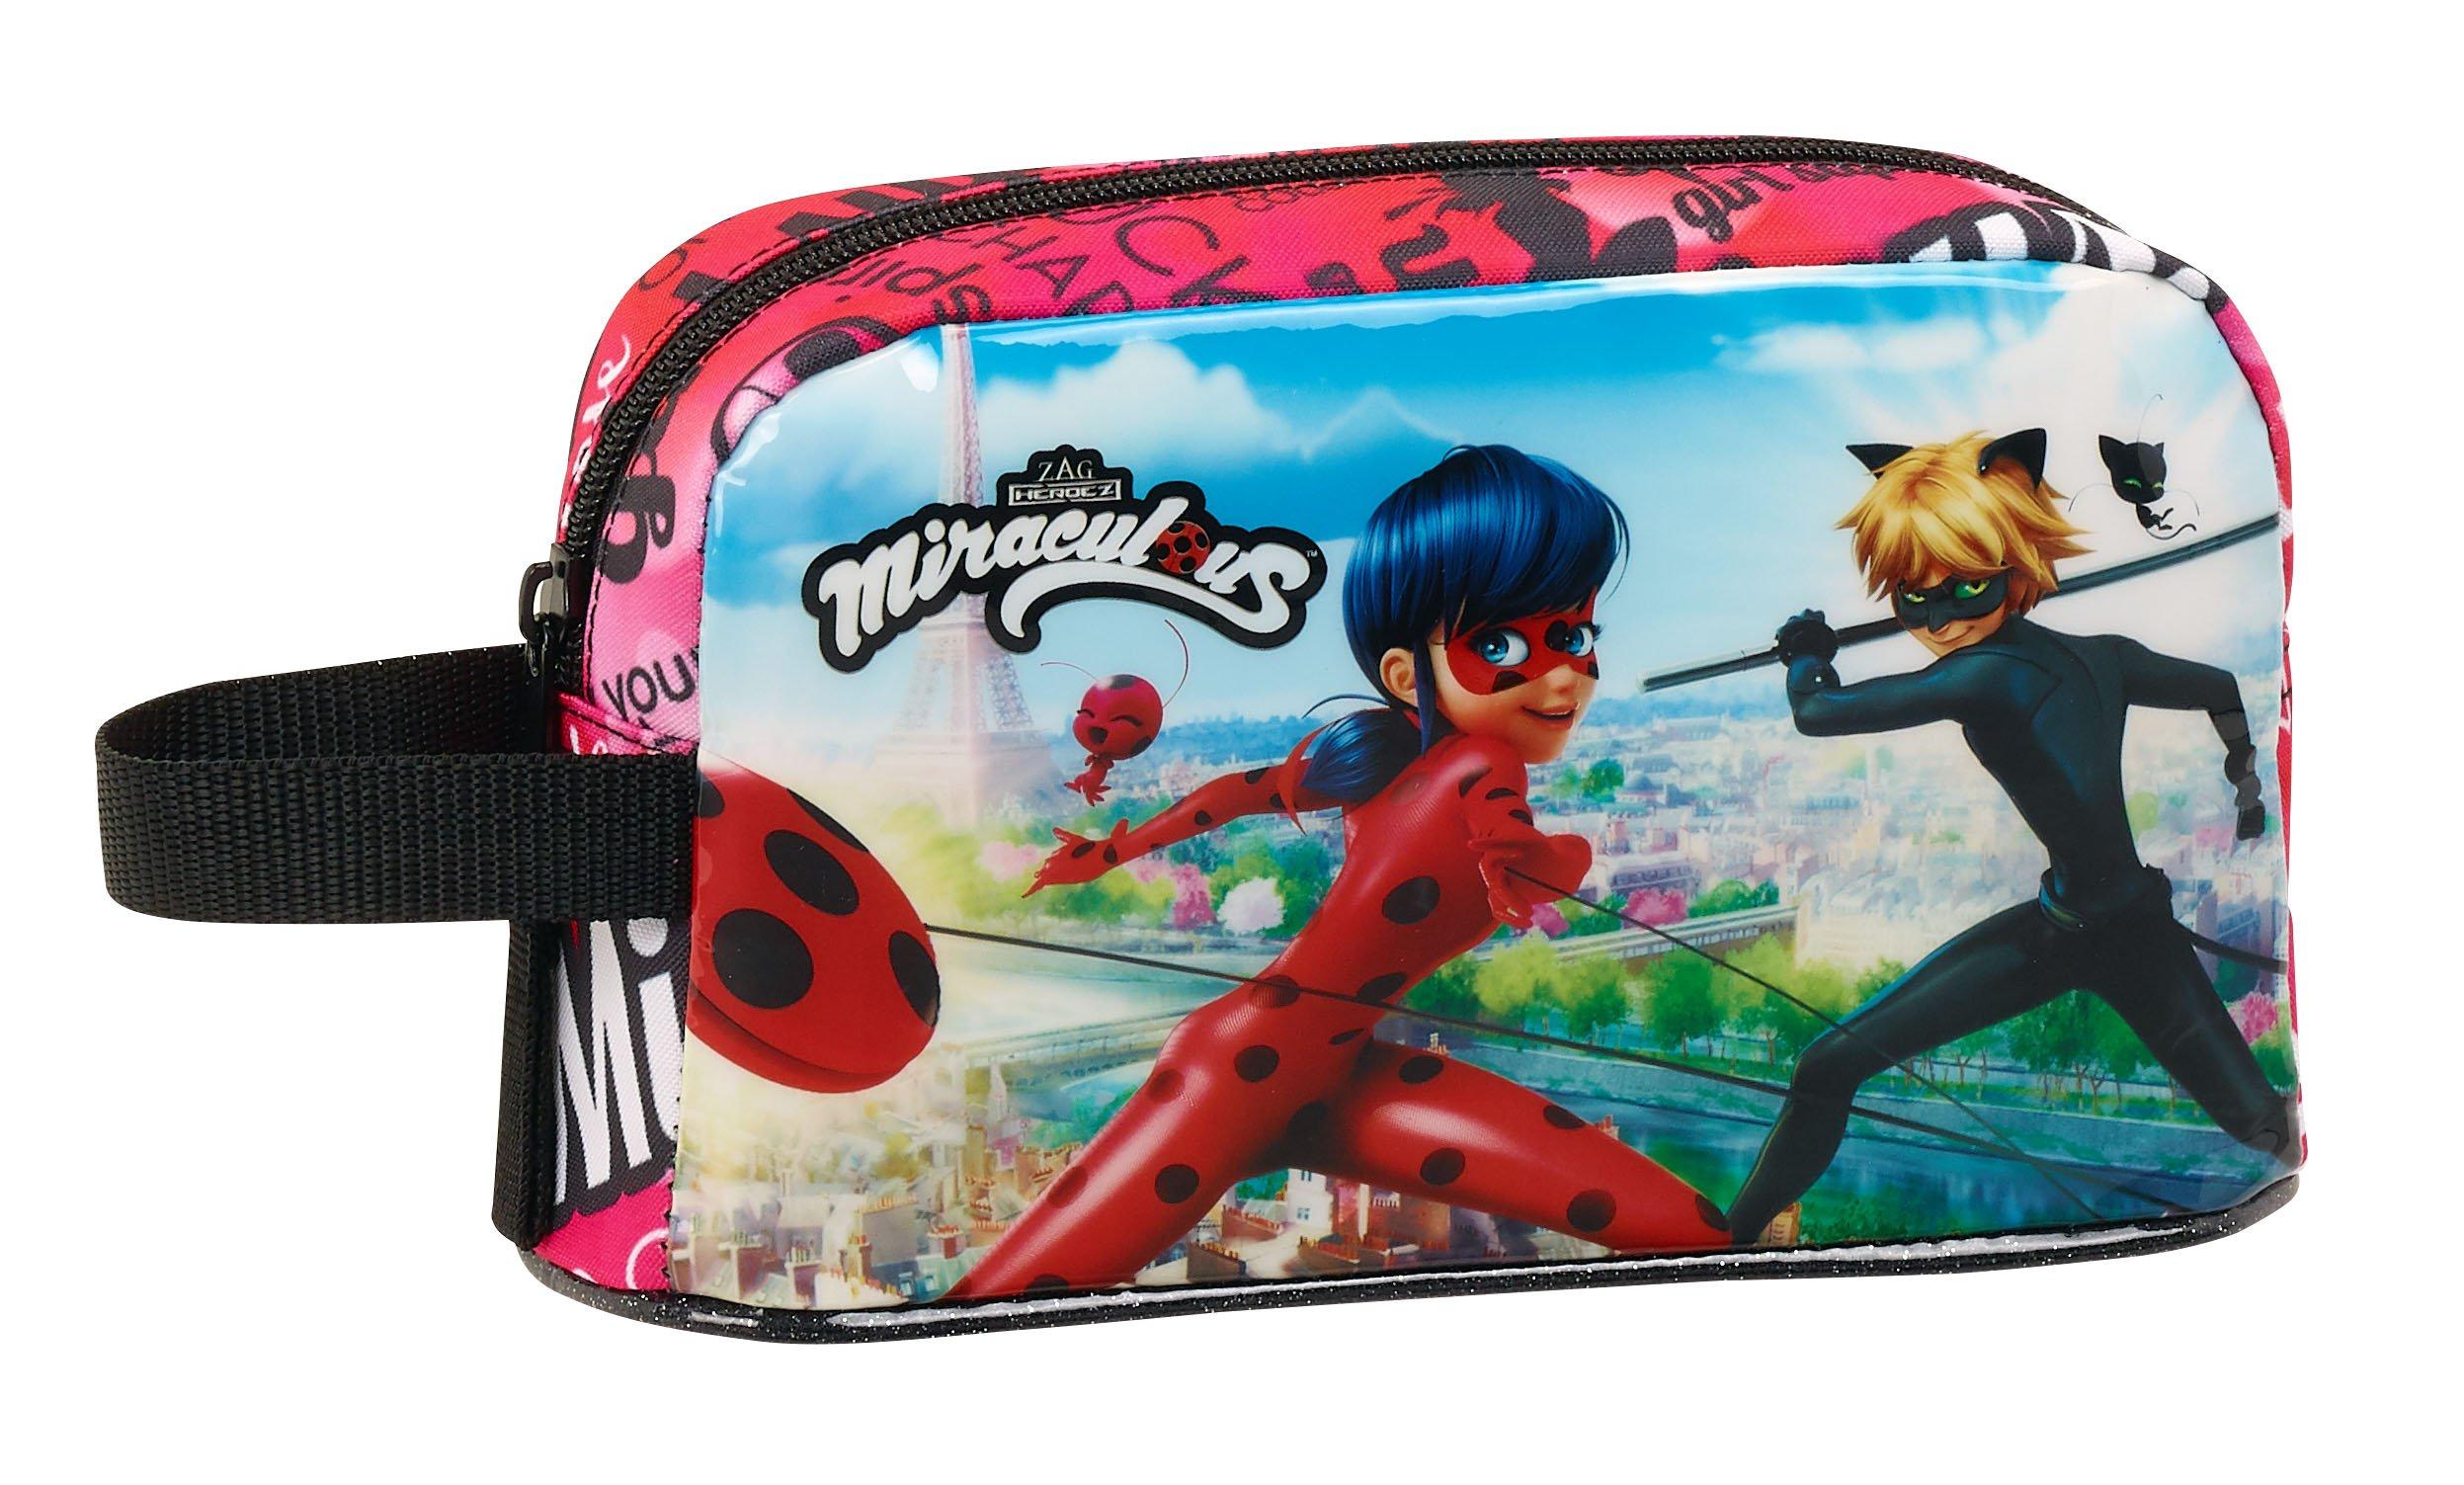 Ladybug Portameriendas térmico (SAFTA 811716859): Amazon.es: Juguetes y juegos